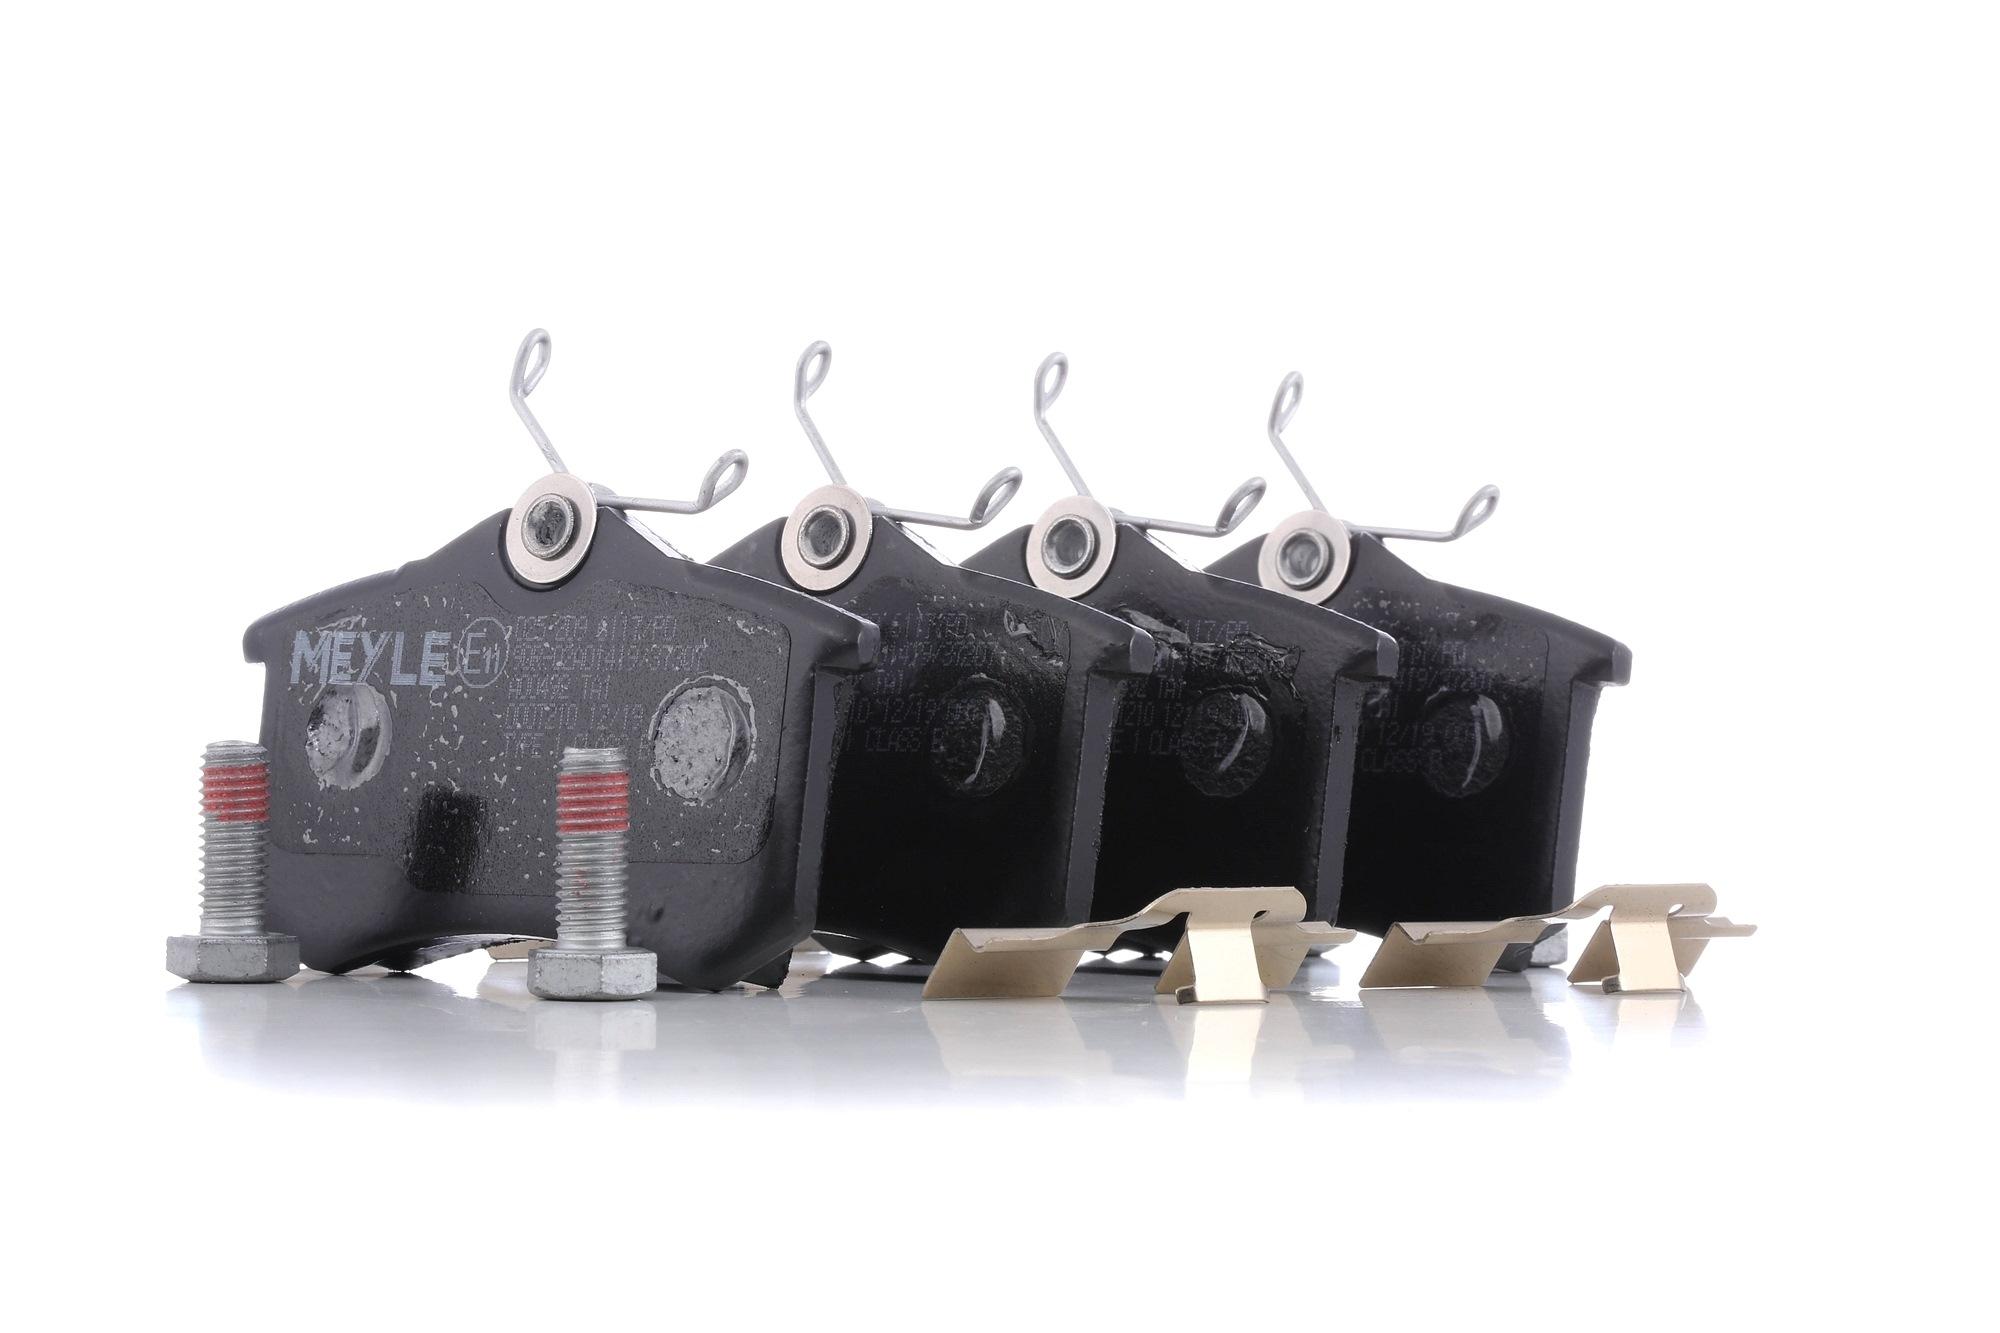 20961 MEYLE MEYLE-PD Quality, Hinterachse, nicht für Verschleißwarnanzeiger vorbereitet, mit Anti-Quietsch-Blech, mit Schrauben, mit Zubehör Höhe: 52,8mm, Breite: 87,1mm, Dicke/Stärke: 17,2mm Bremsbelagsatz, Scheibenbremse 025 209 6117/PD günstig kaufen